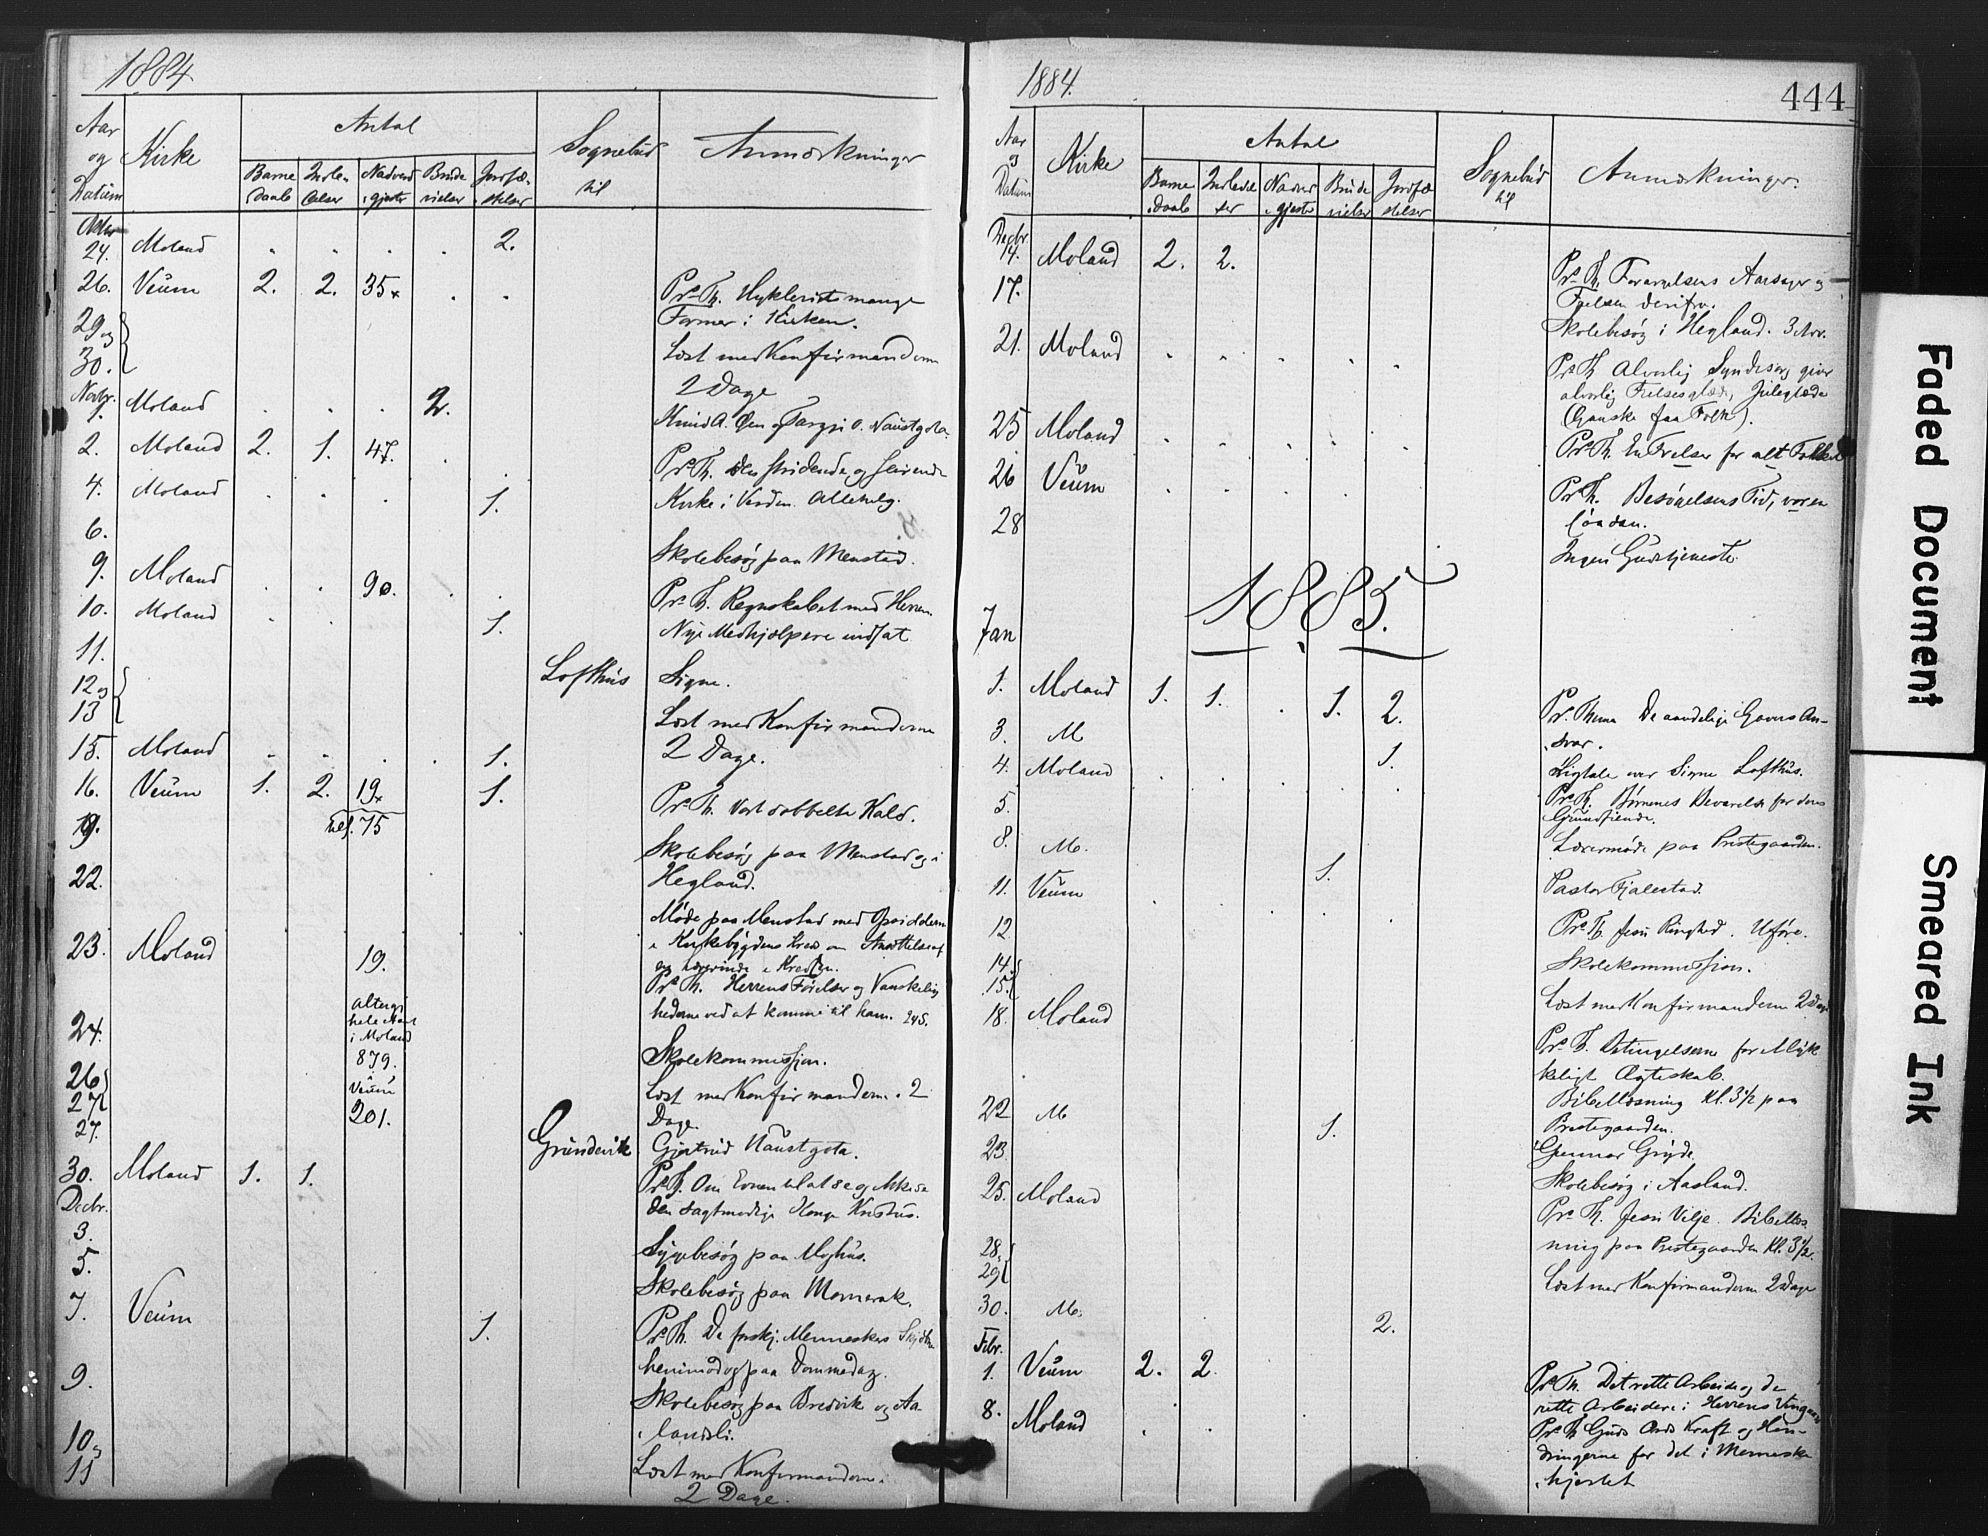 SAKO, Fyresdal kirkebøker, F/Fa/L0006: Ministerialbok nr. I 6, 1872-1886, s. 444